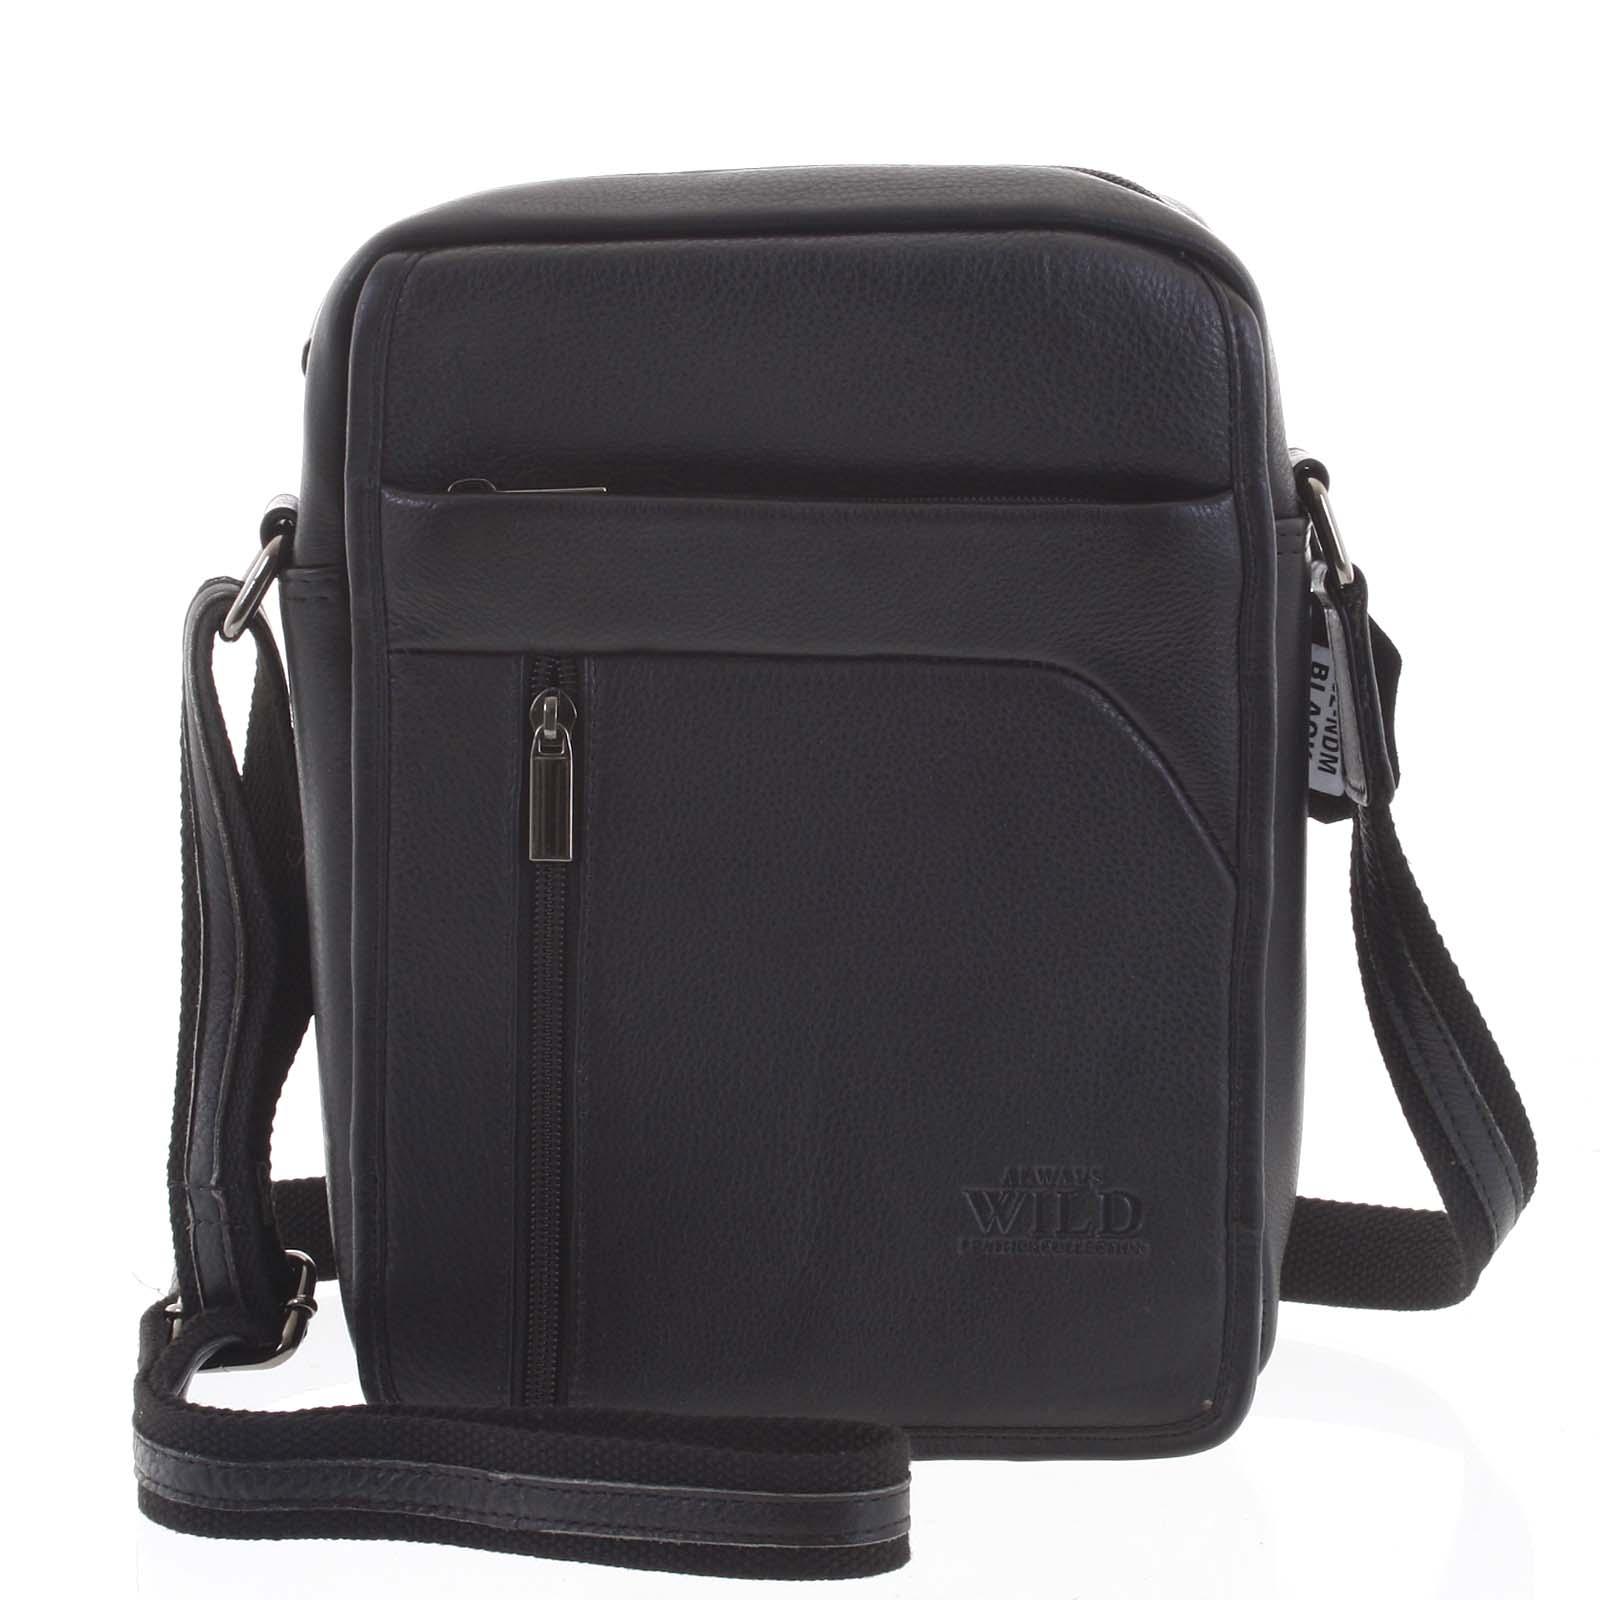 Černá pánská prostorná kožená taška - WILD Russ